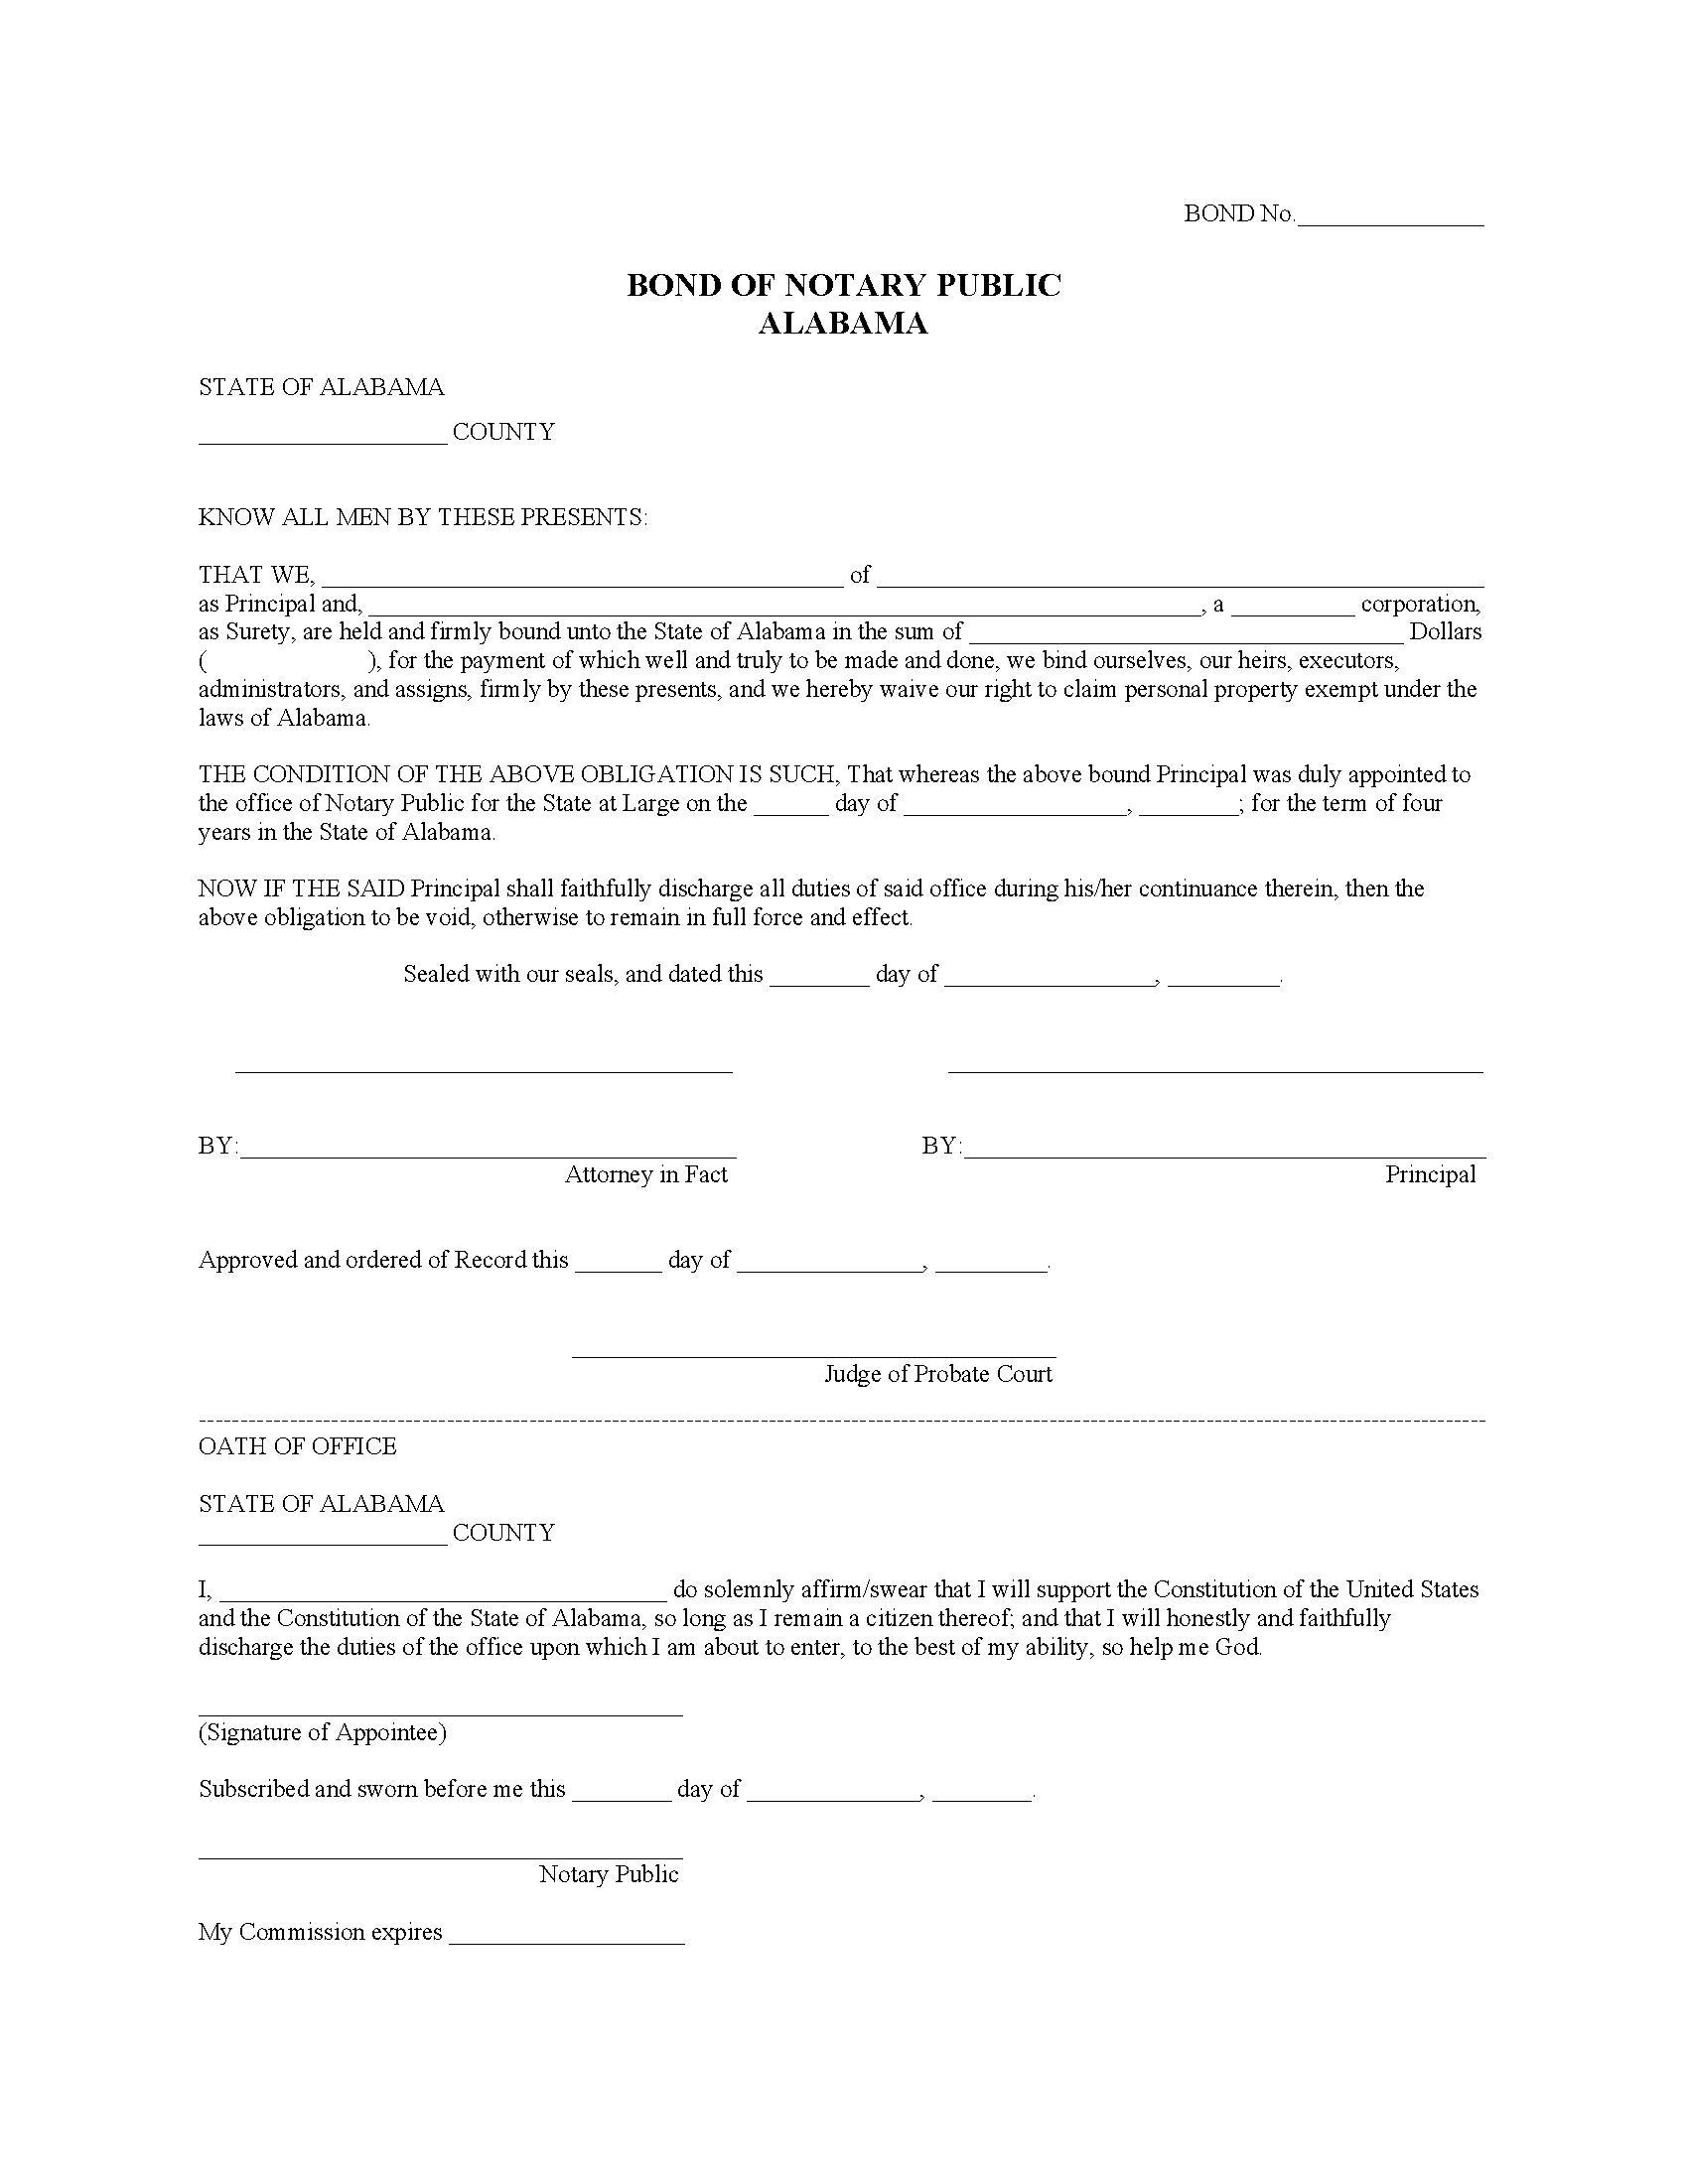 State of Alabama Notary Public Bond sample image